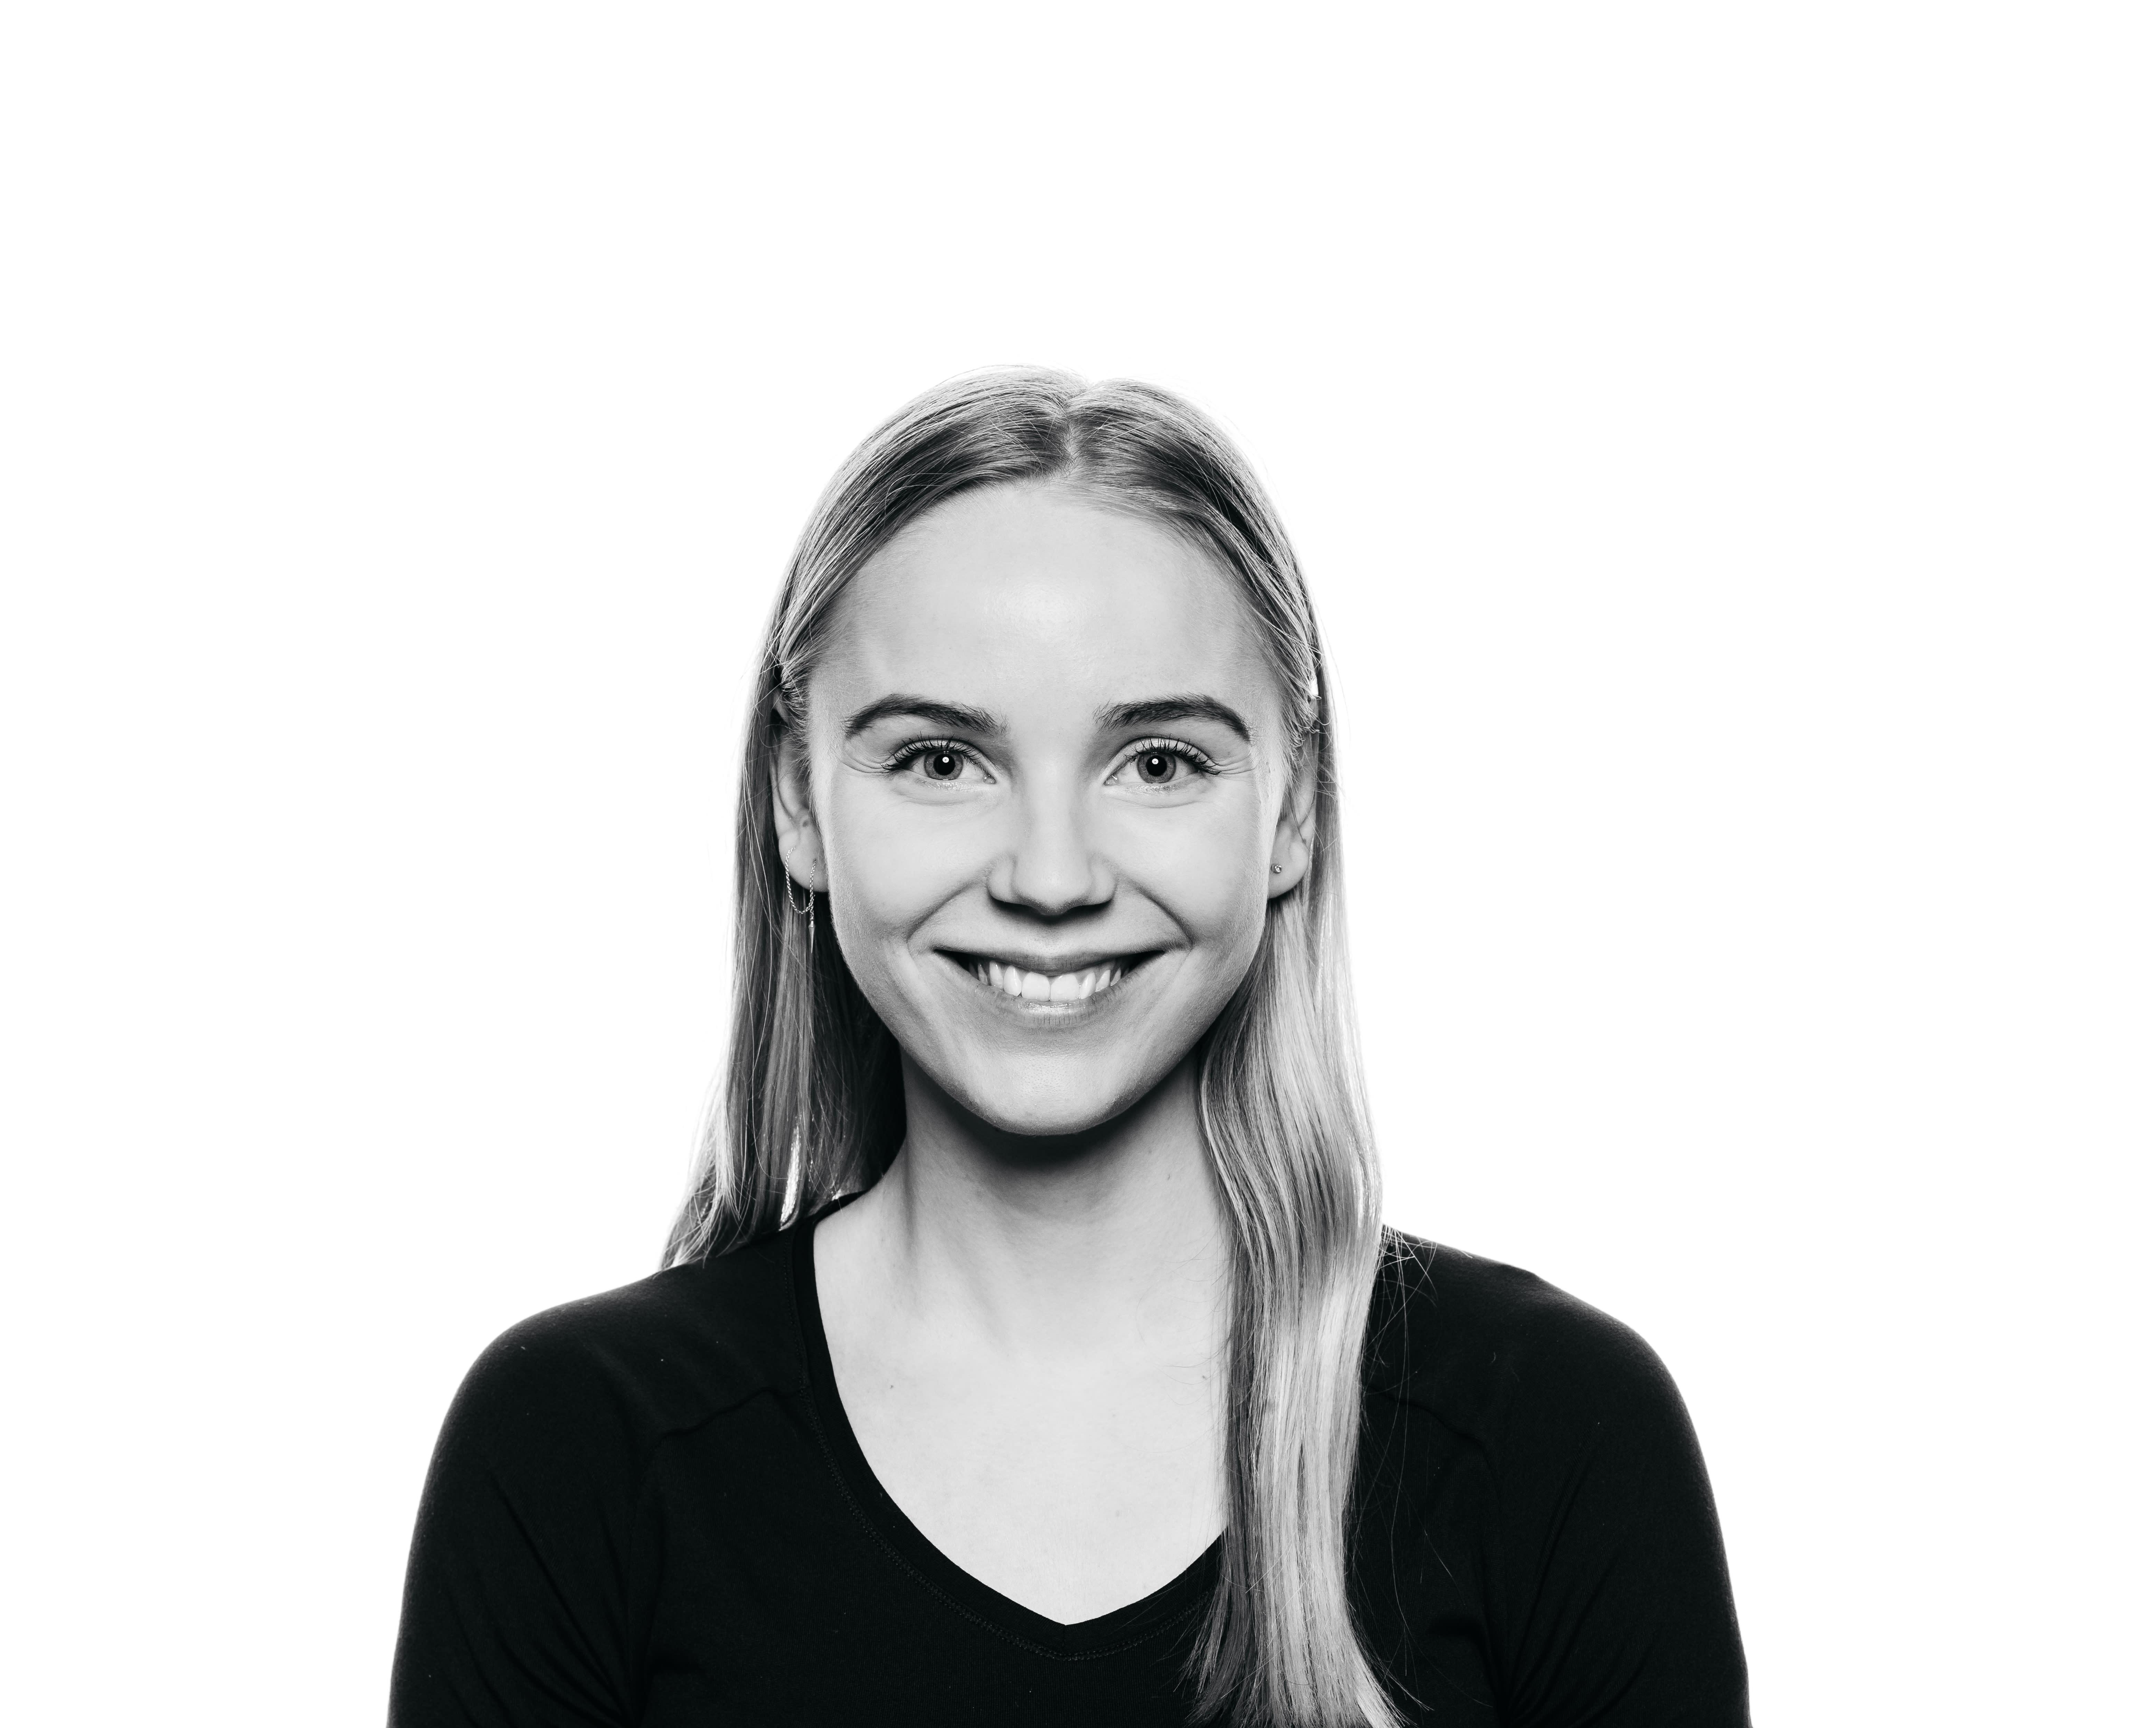 Sophie Cecilia Aaen